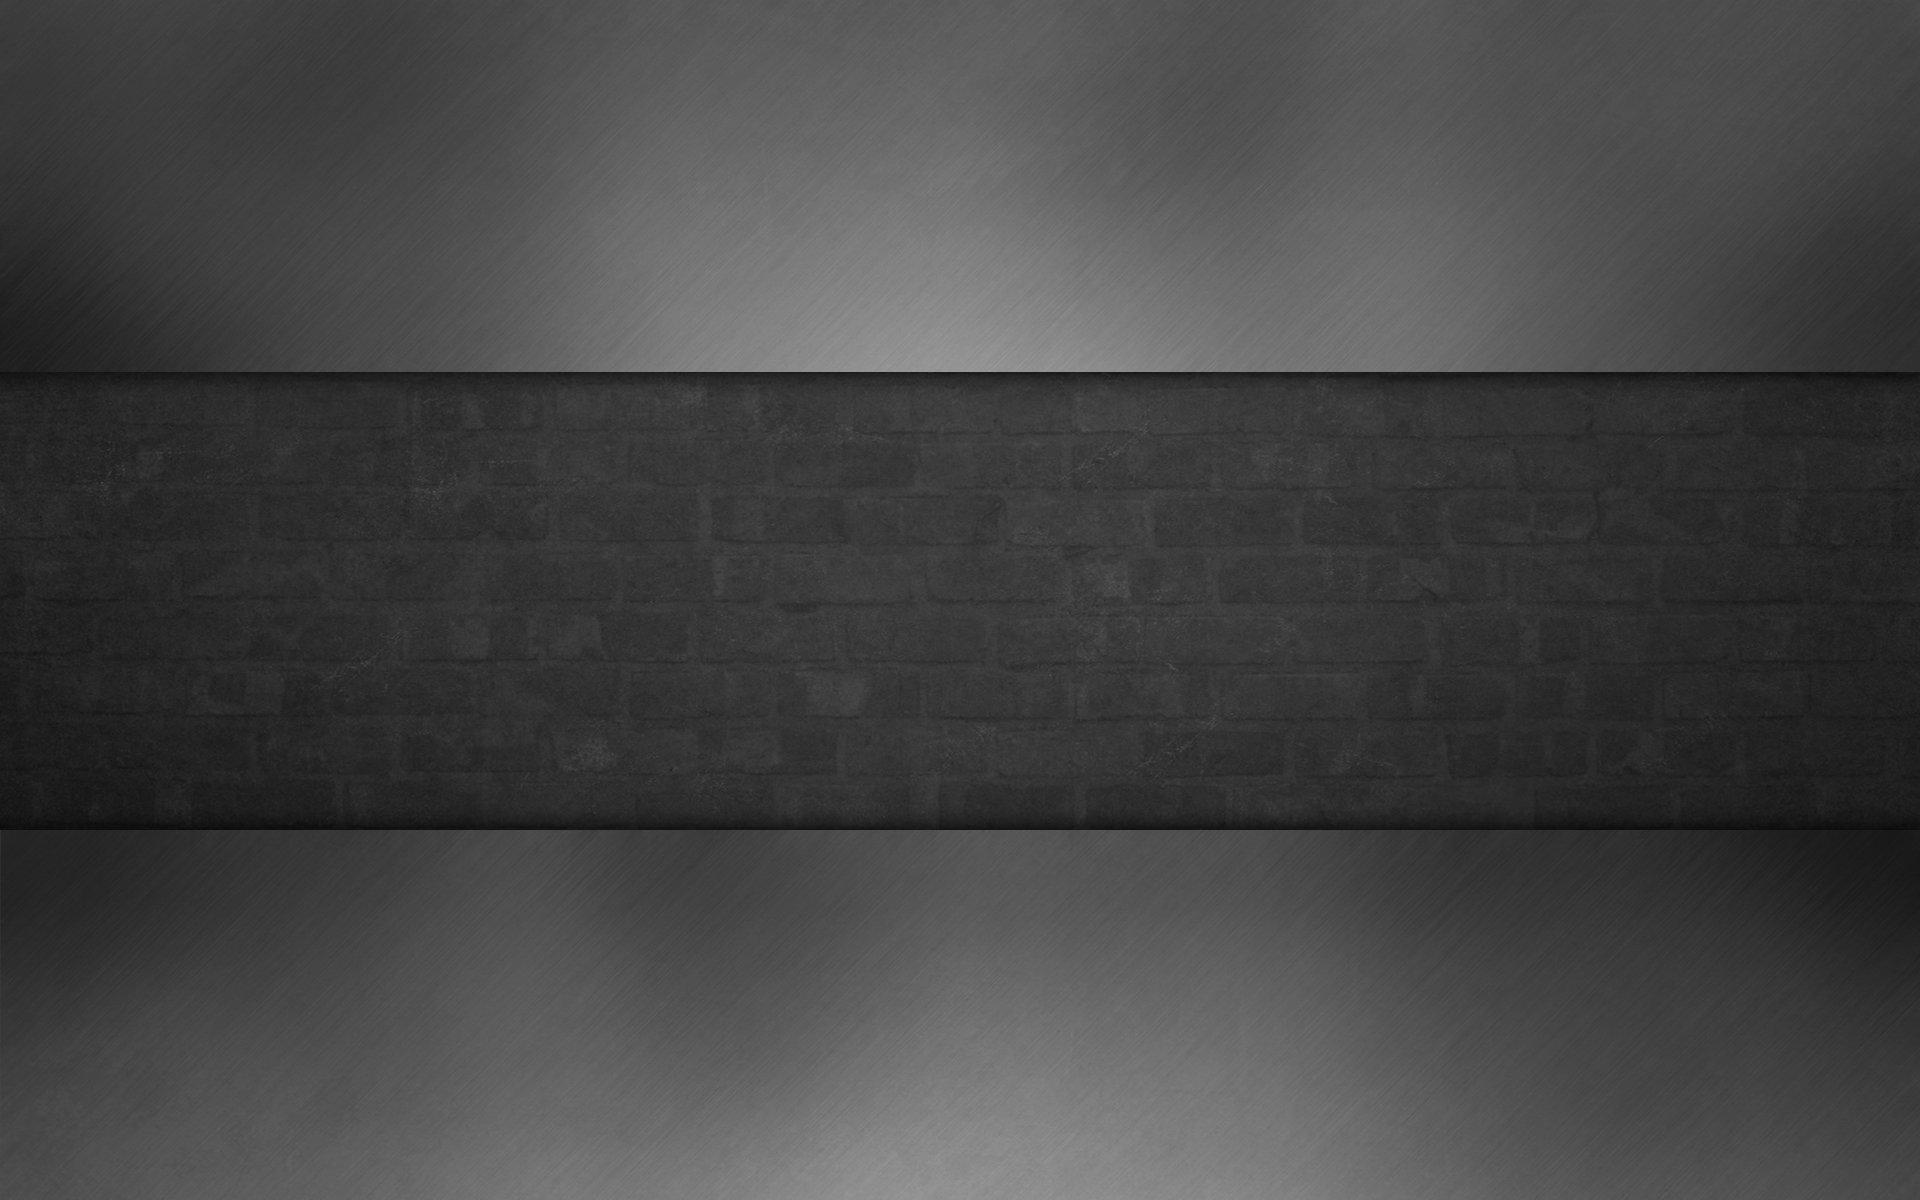 Металл текстура темный